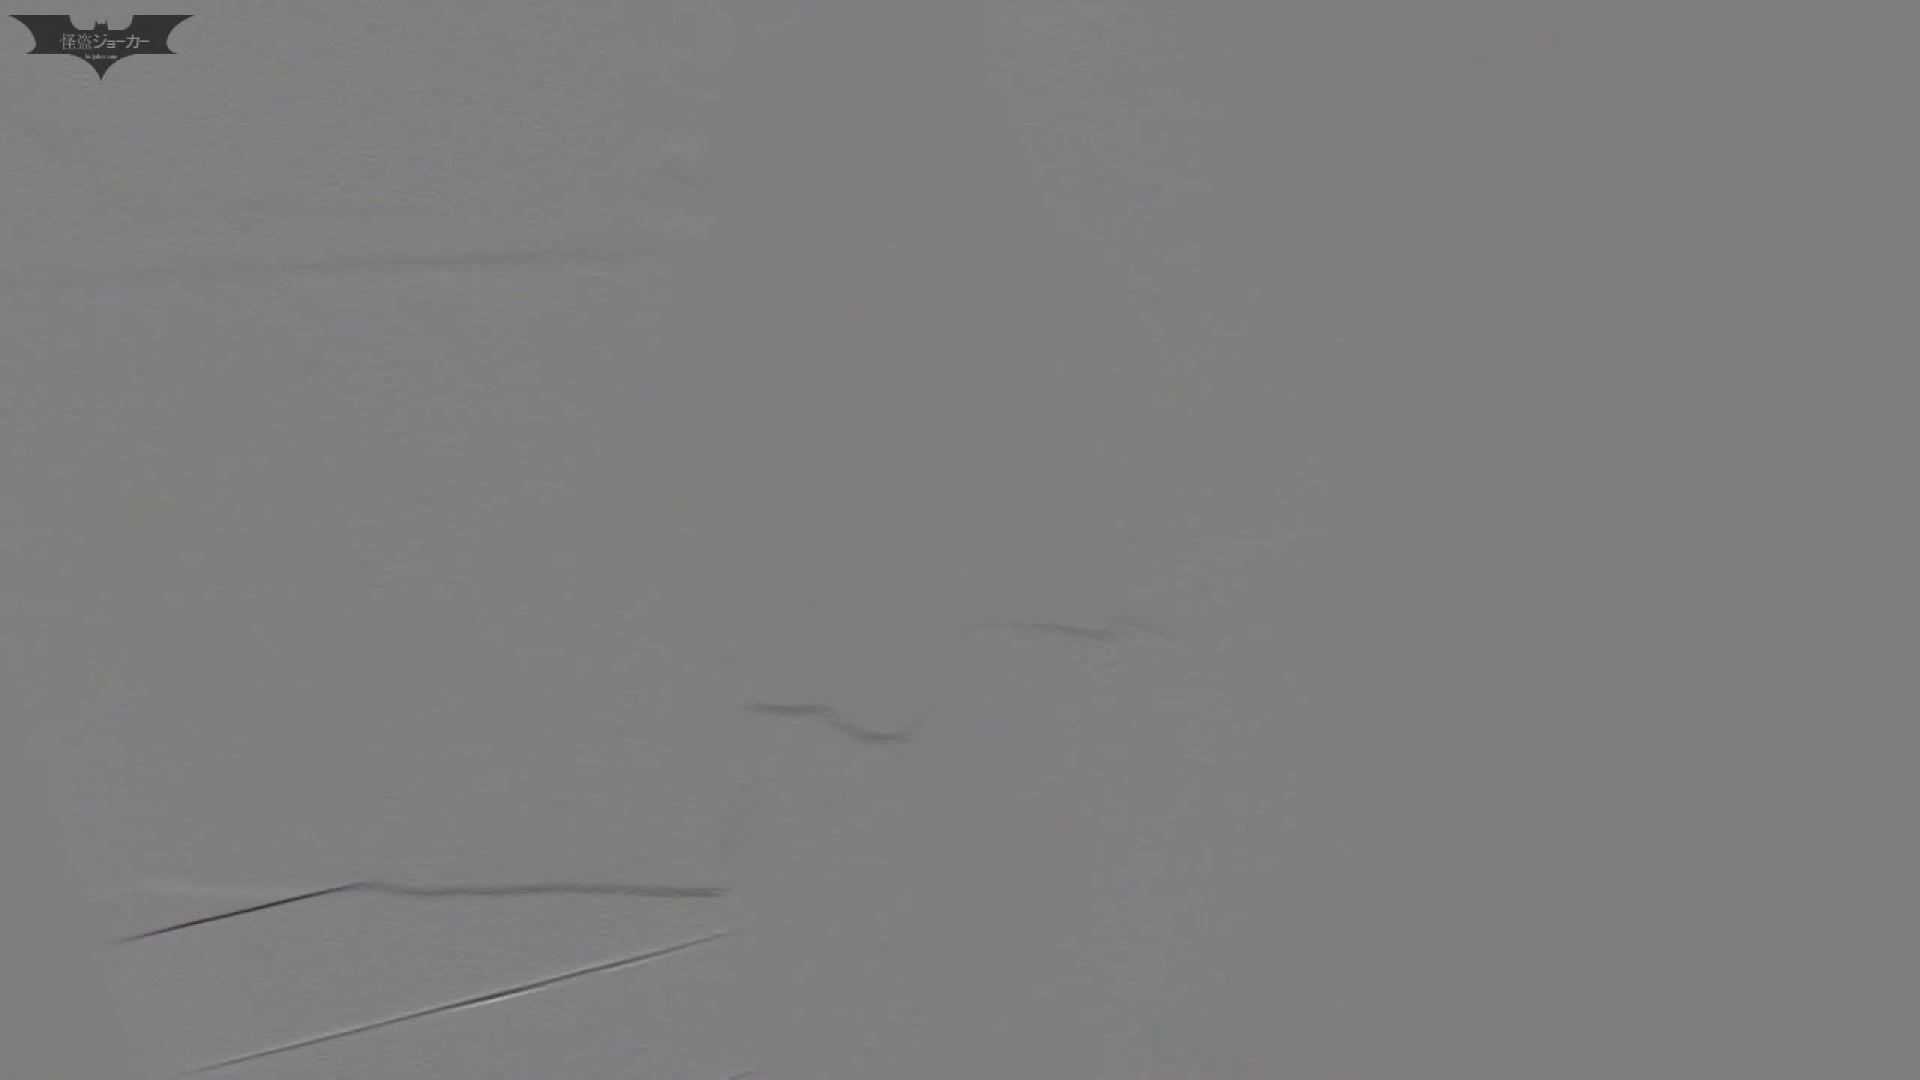 【期間・個数限定配信】 マンコ丸見え!第三体育館潜入撮File001 丸見え のぞきおめこ無修正画像 94連発 63